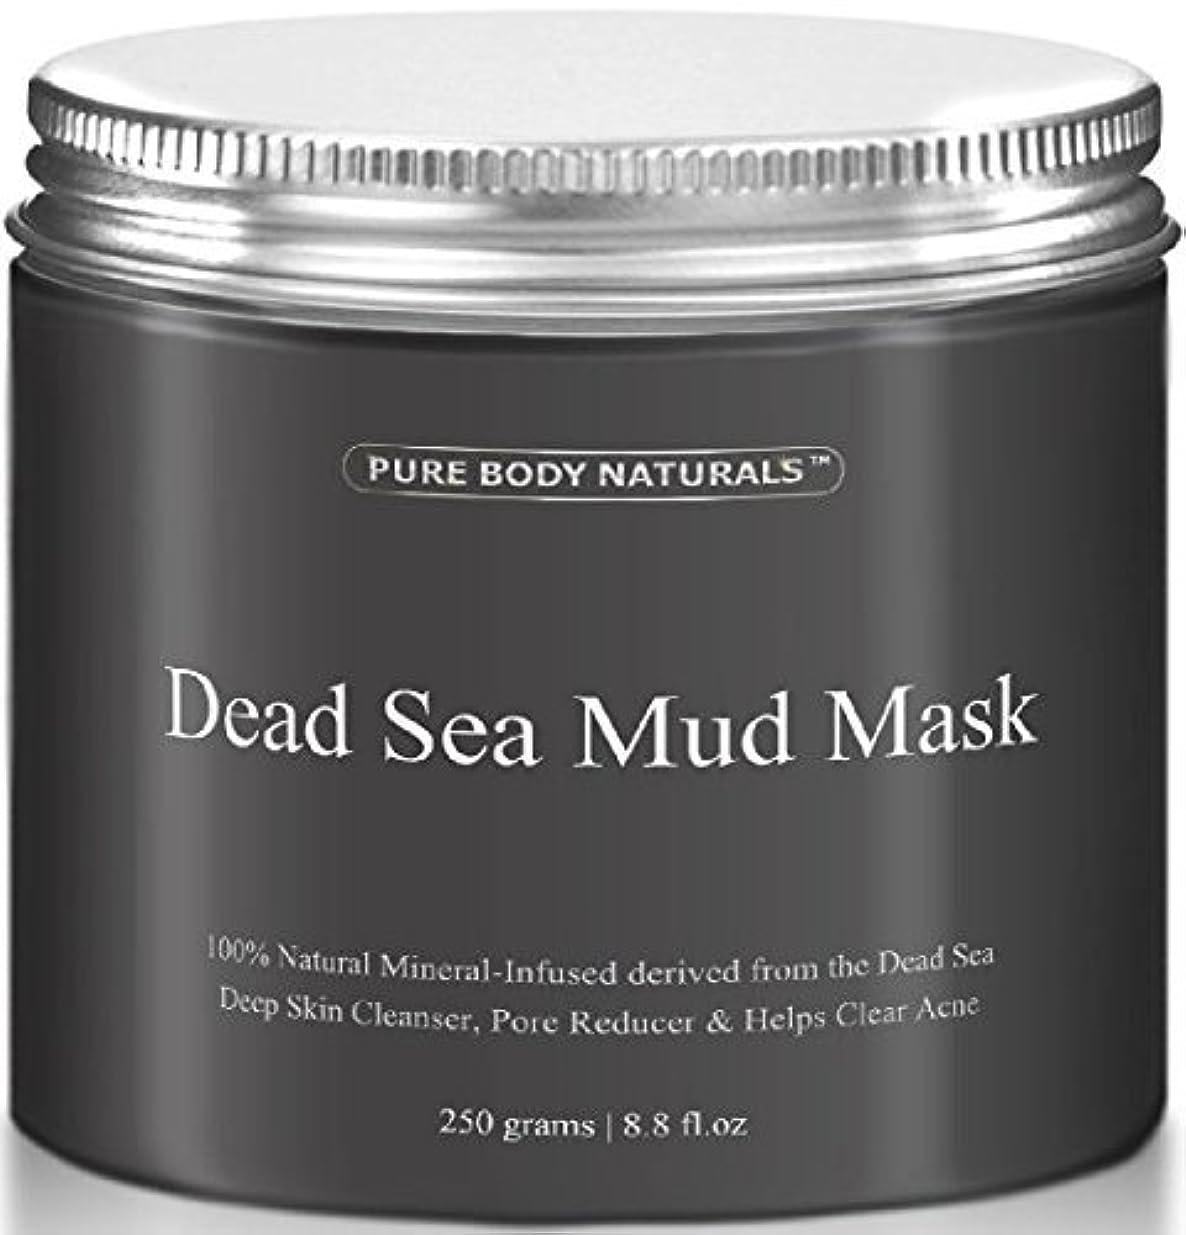 イル火山のジャムDead Sea Mud Mask 死海の泥マスク 250g [並行輸入品]